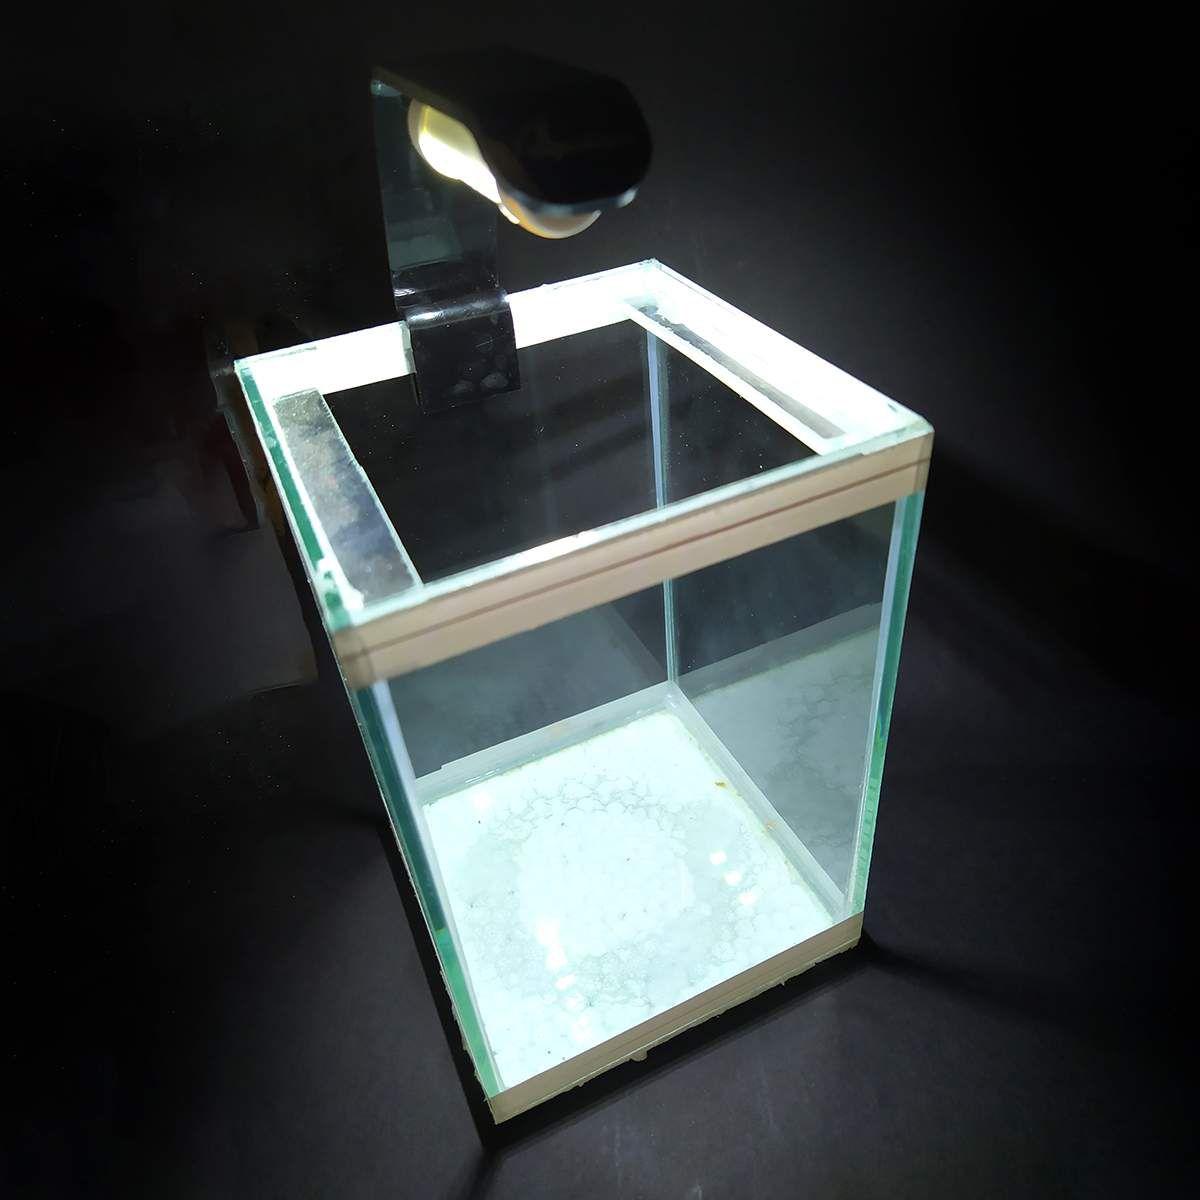 Luminária LED para Aquários Betta Aqualumi Dupla Branca